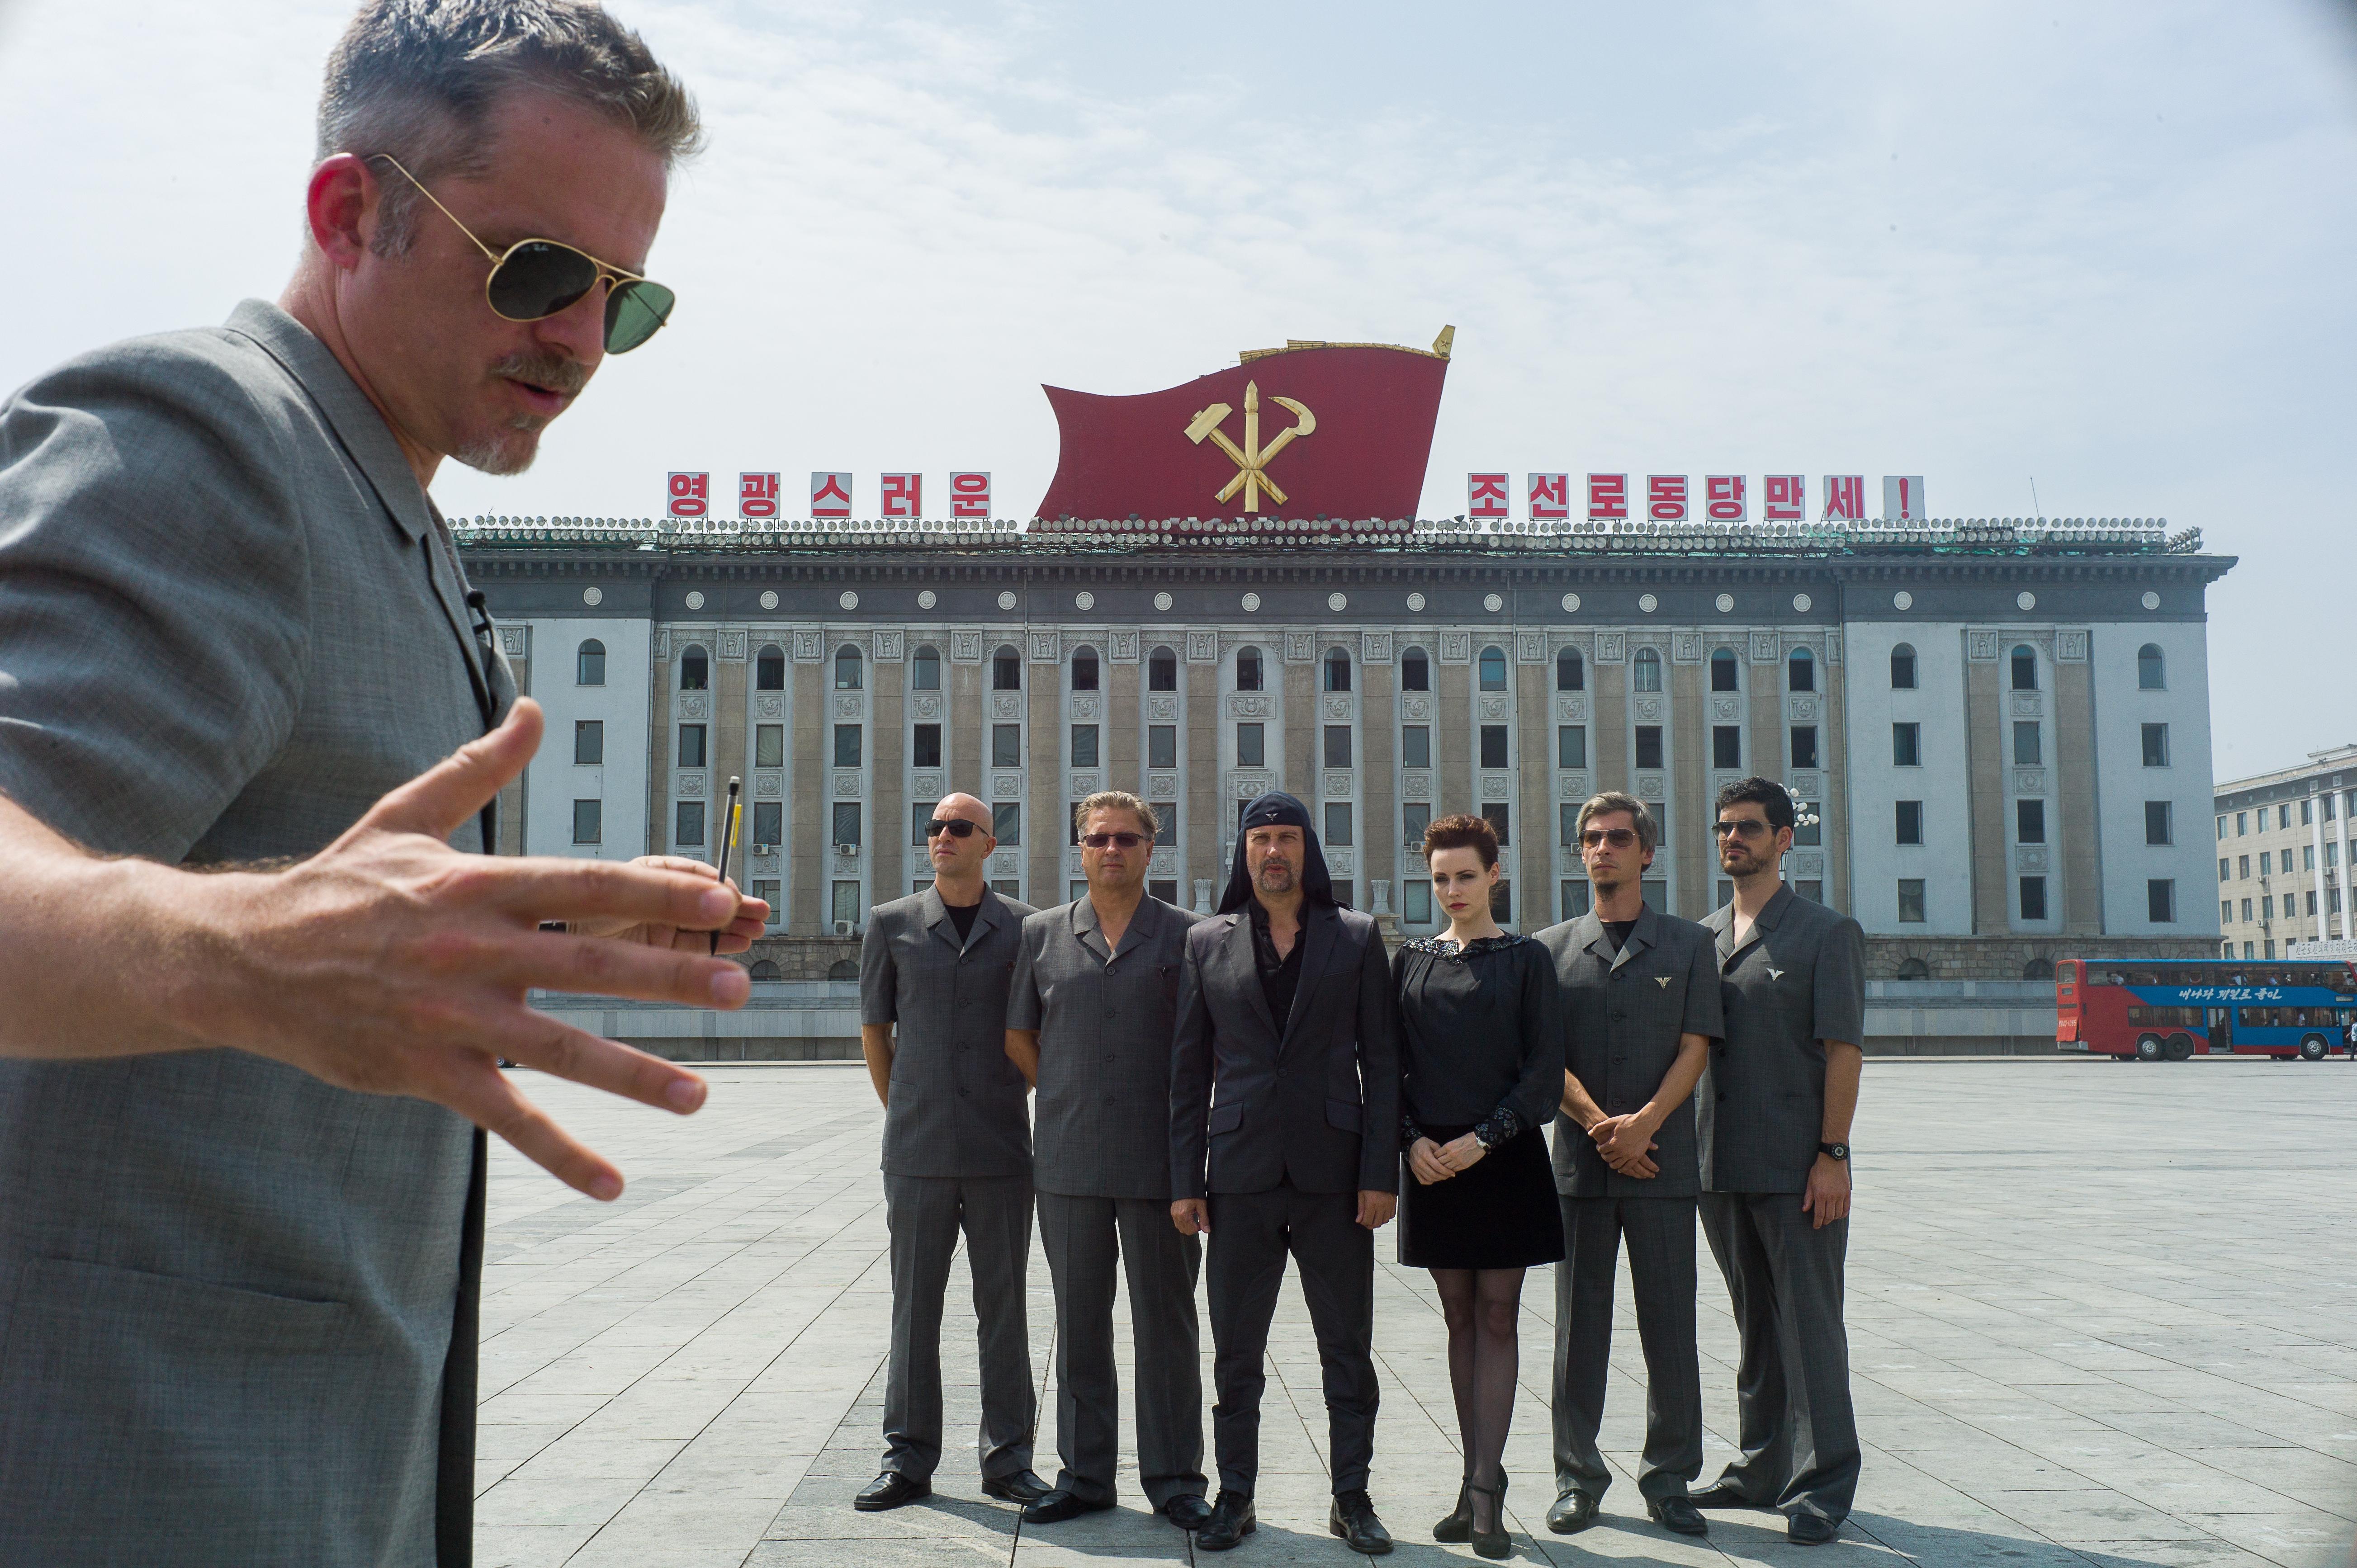 Morten Traavik prilikom snimanja filma 'Dan oslobođenja' koji govori o gostovanju Laibacha u Pjongjangu